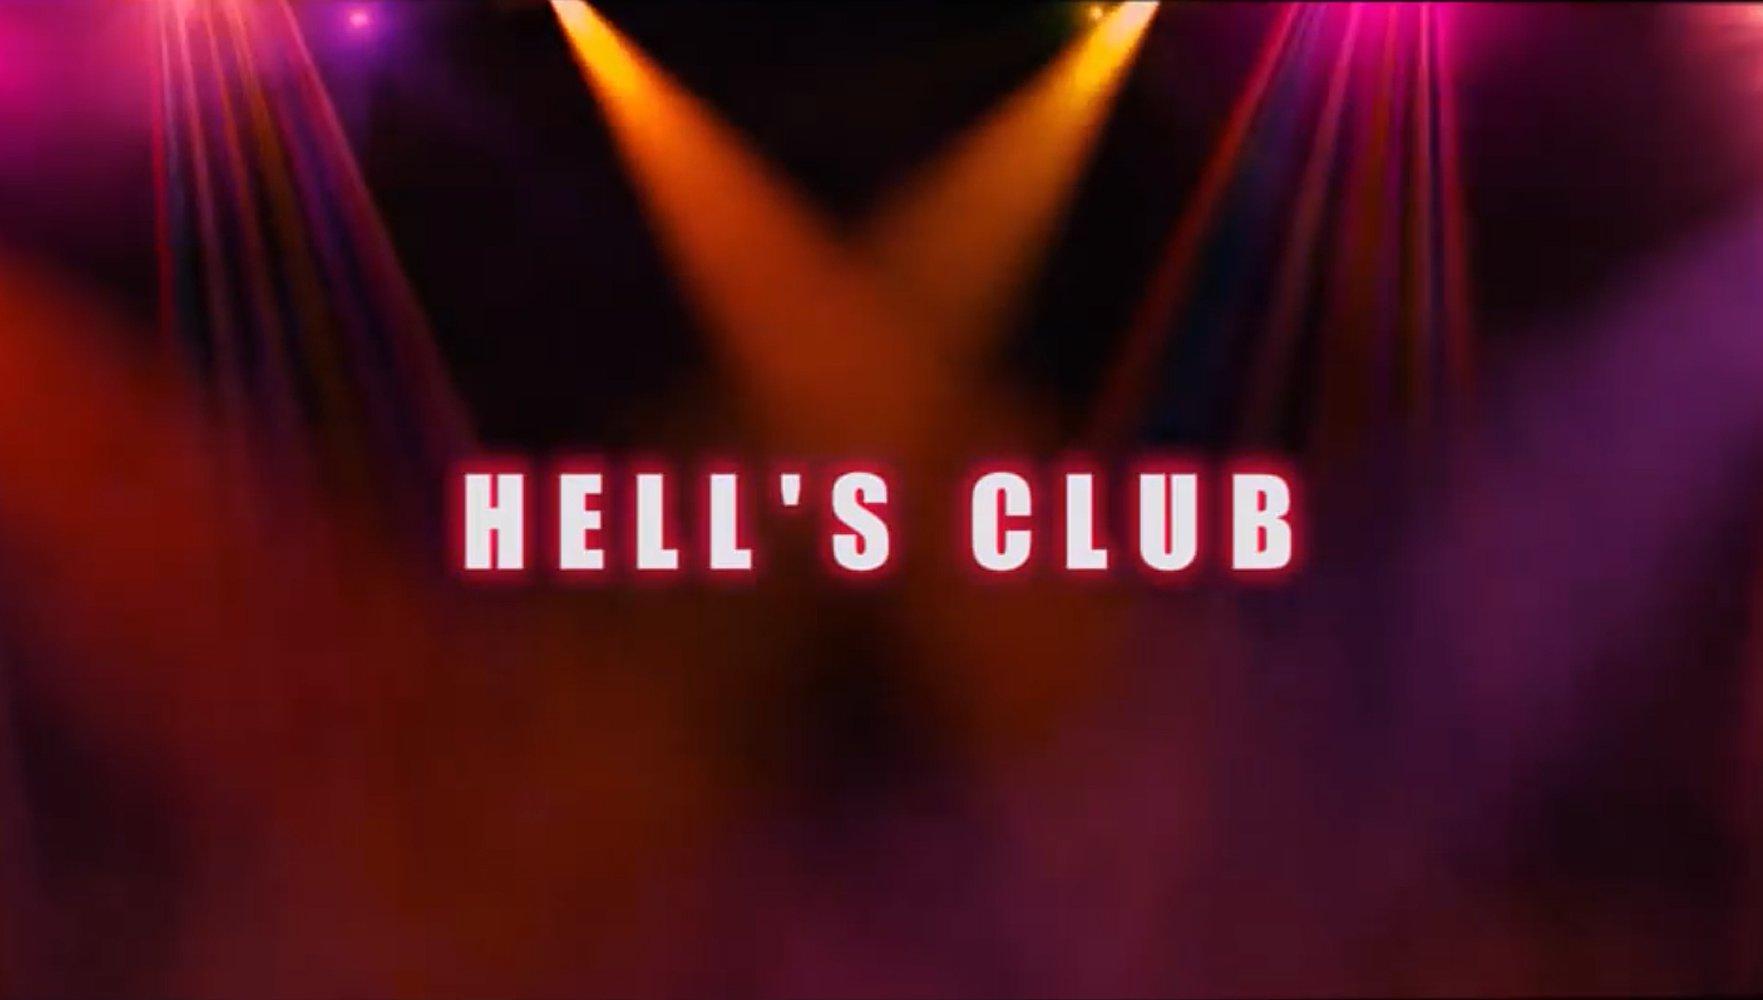 Hell's Club : nos héros de cinéma se réunissent dans un mashup qui fait rimer vitalité et viralité!